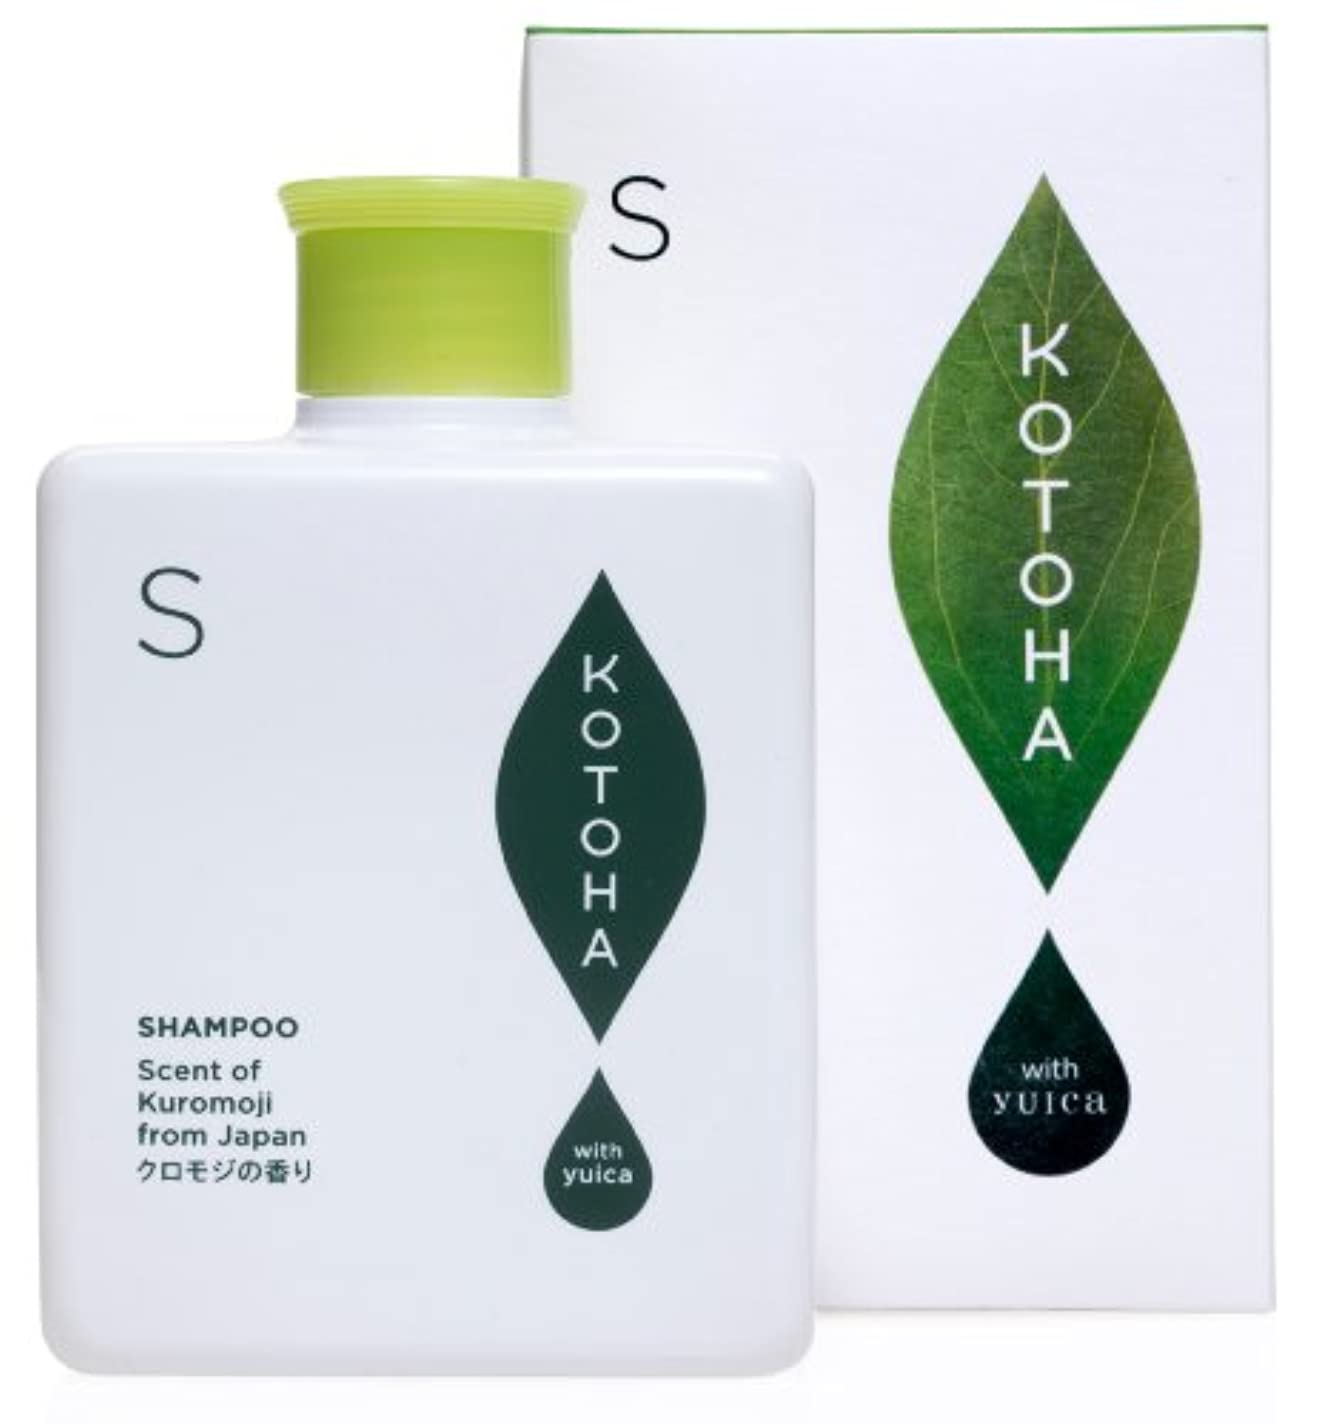 生態学所有者共感するKOTOHA with yuica ヘアシャンプー やすらぎの香り(クロモジベース) 300mL